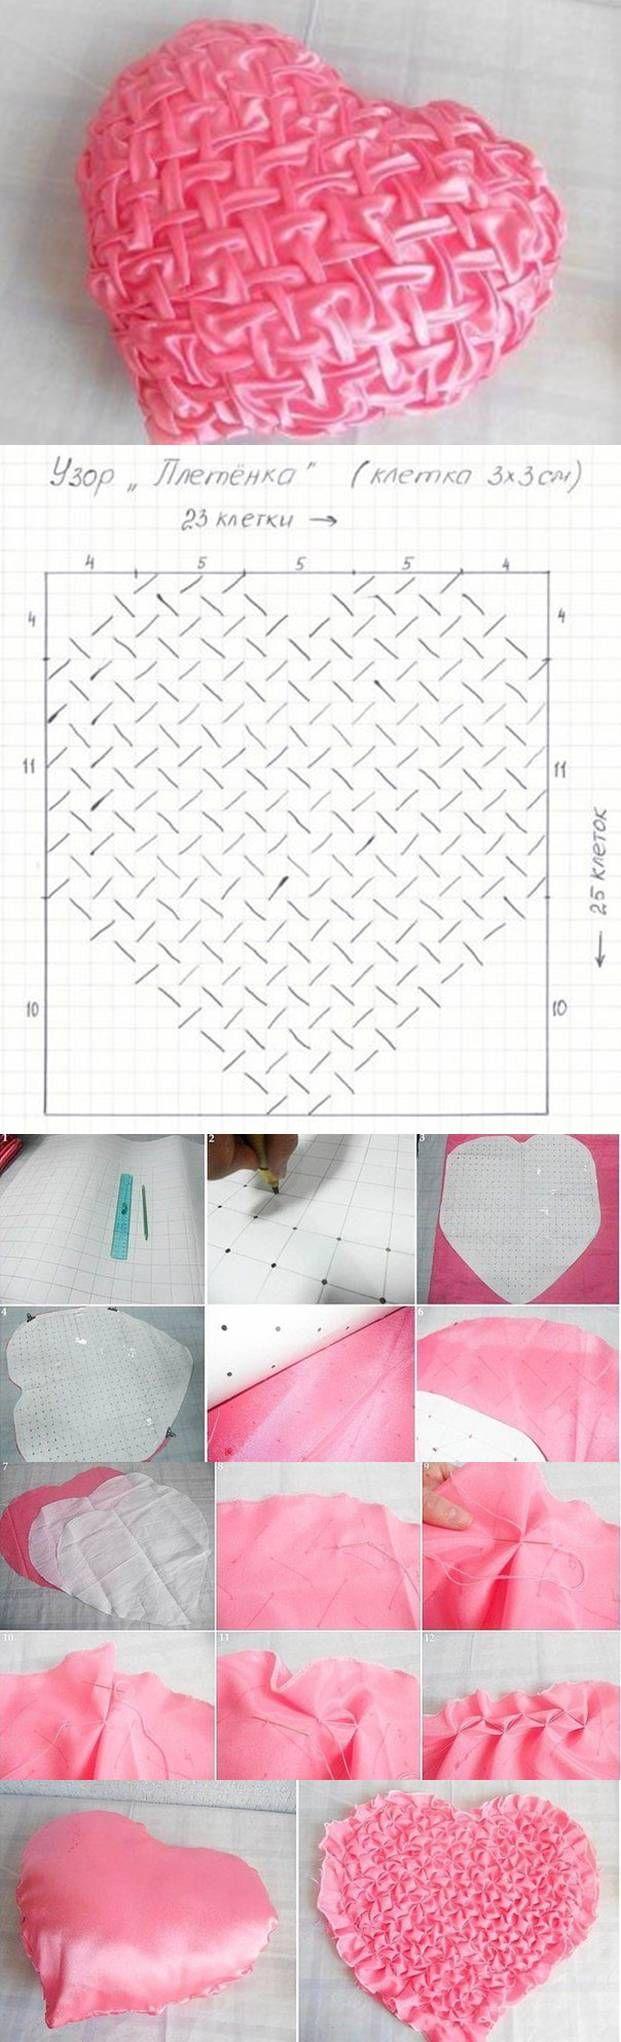 DIY Pillow-heart Puffed